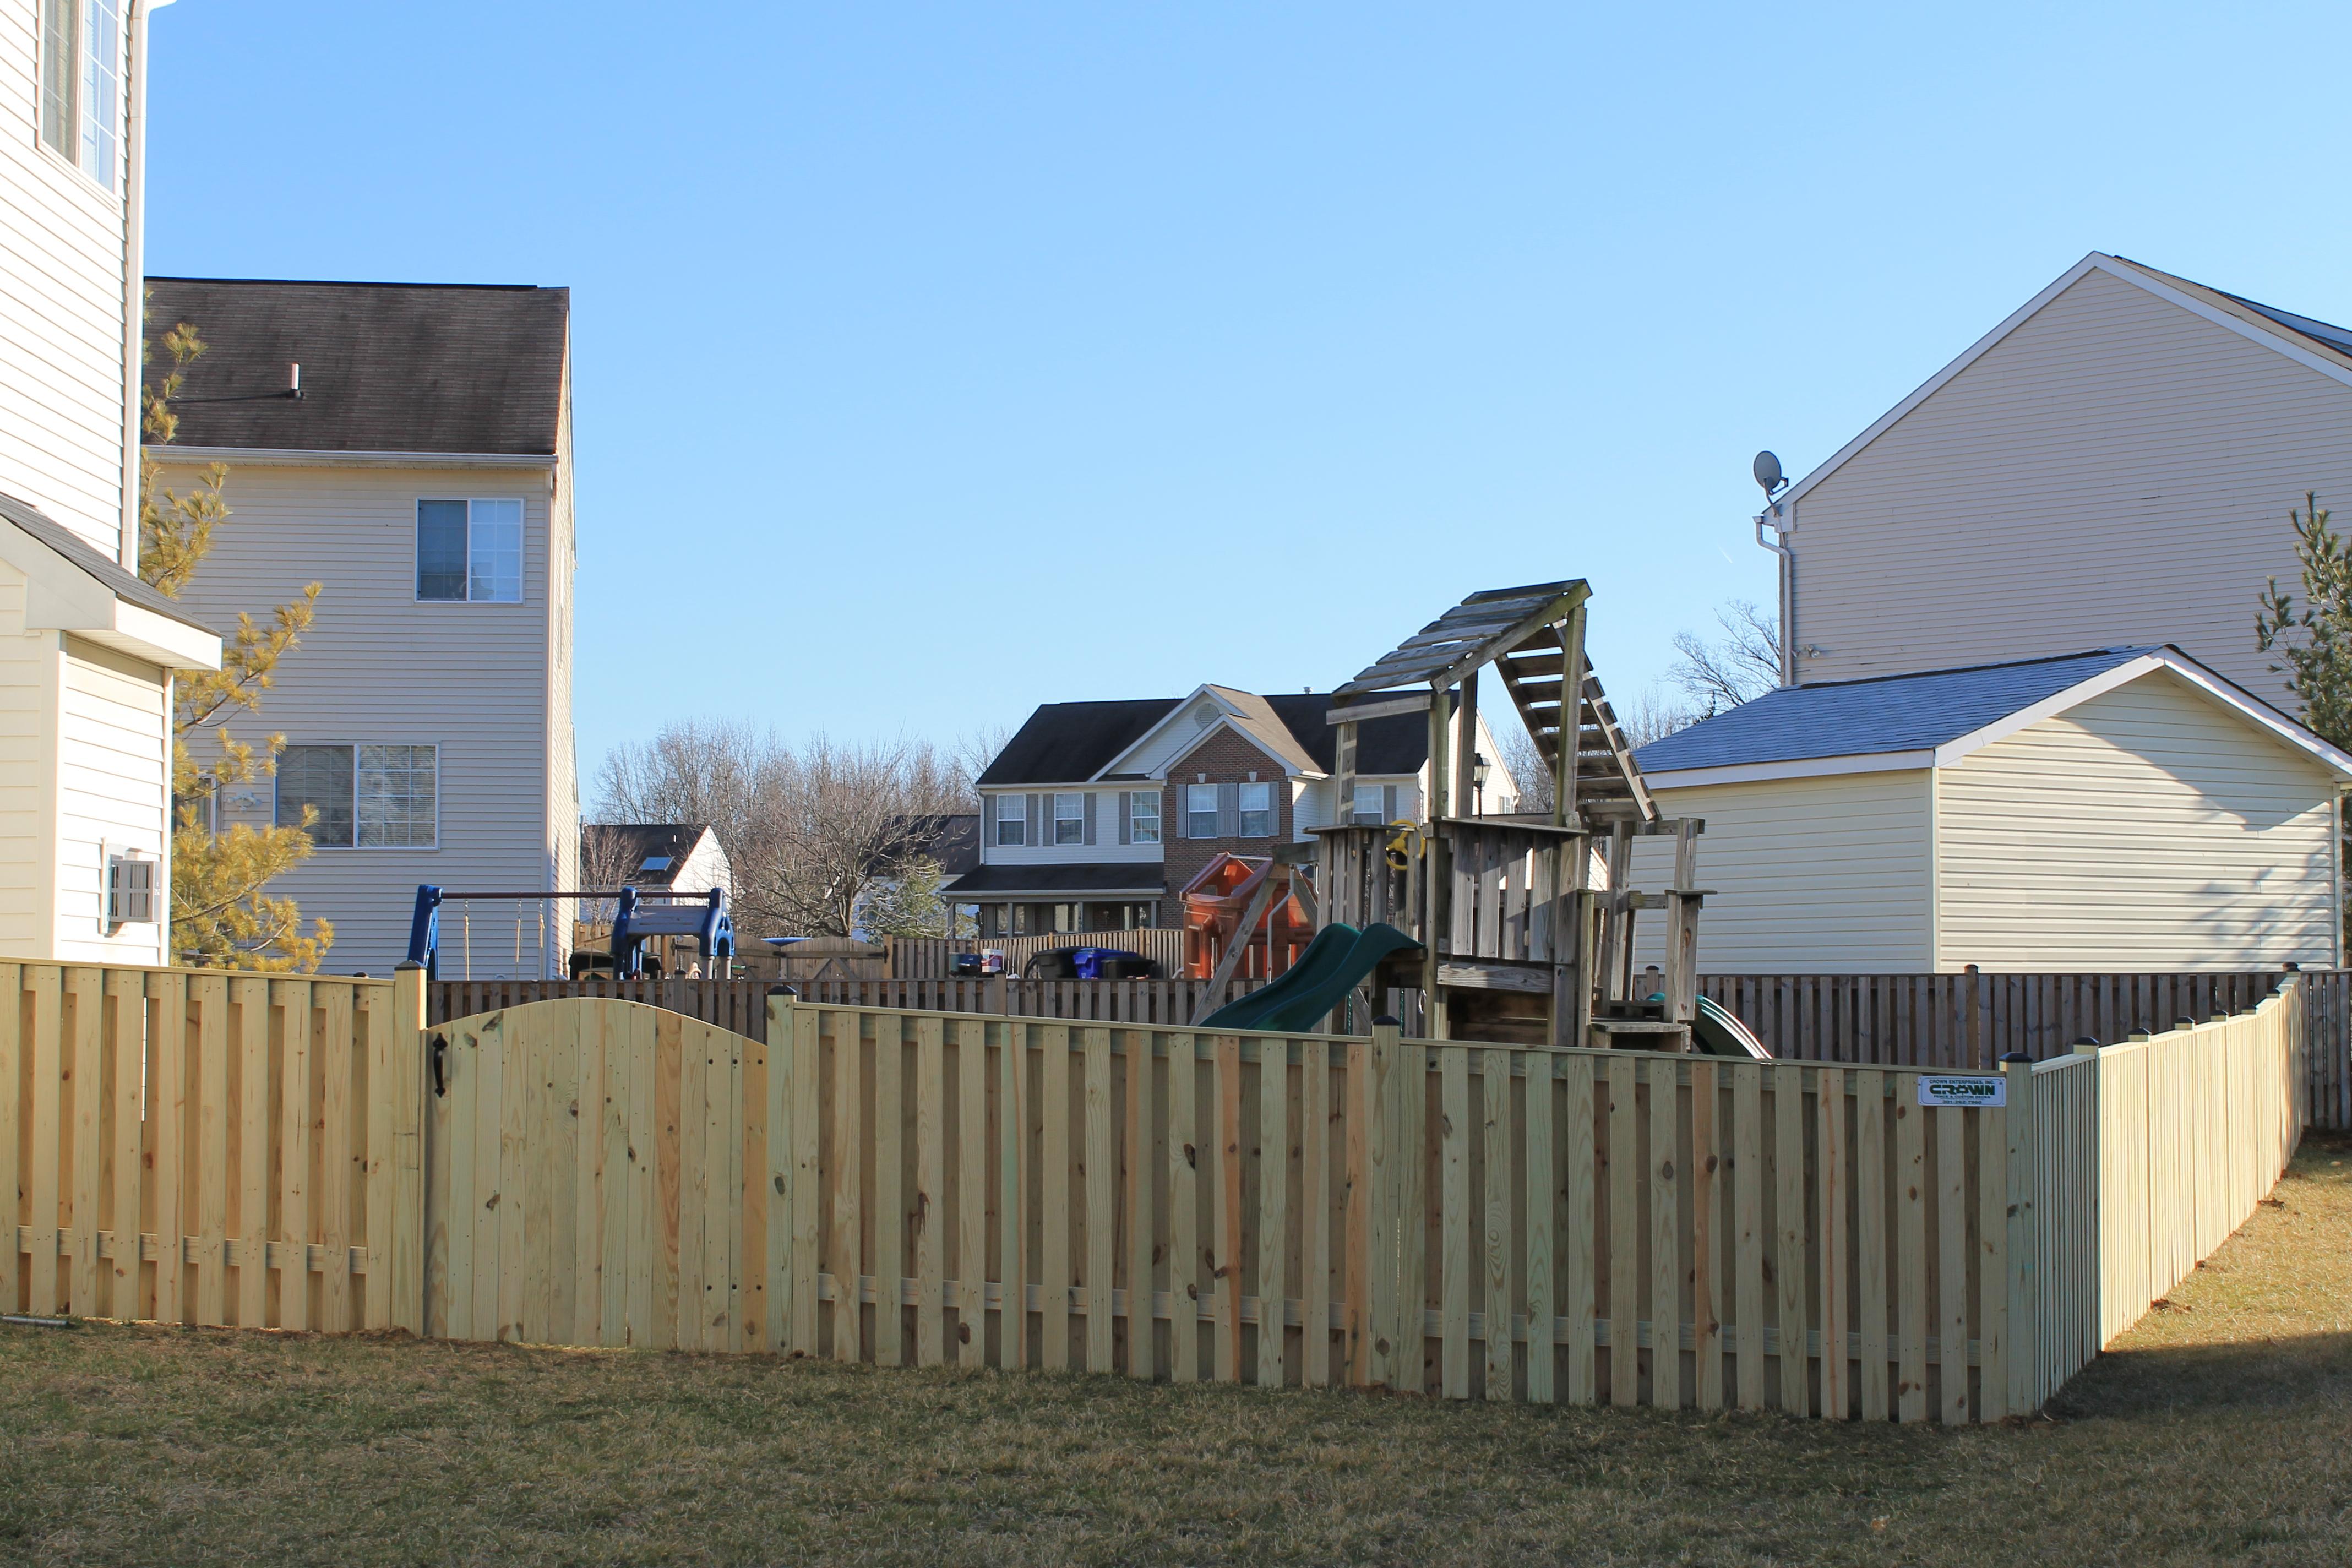 4' board on board fence